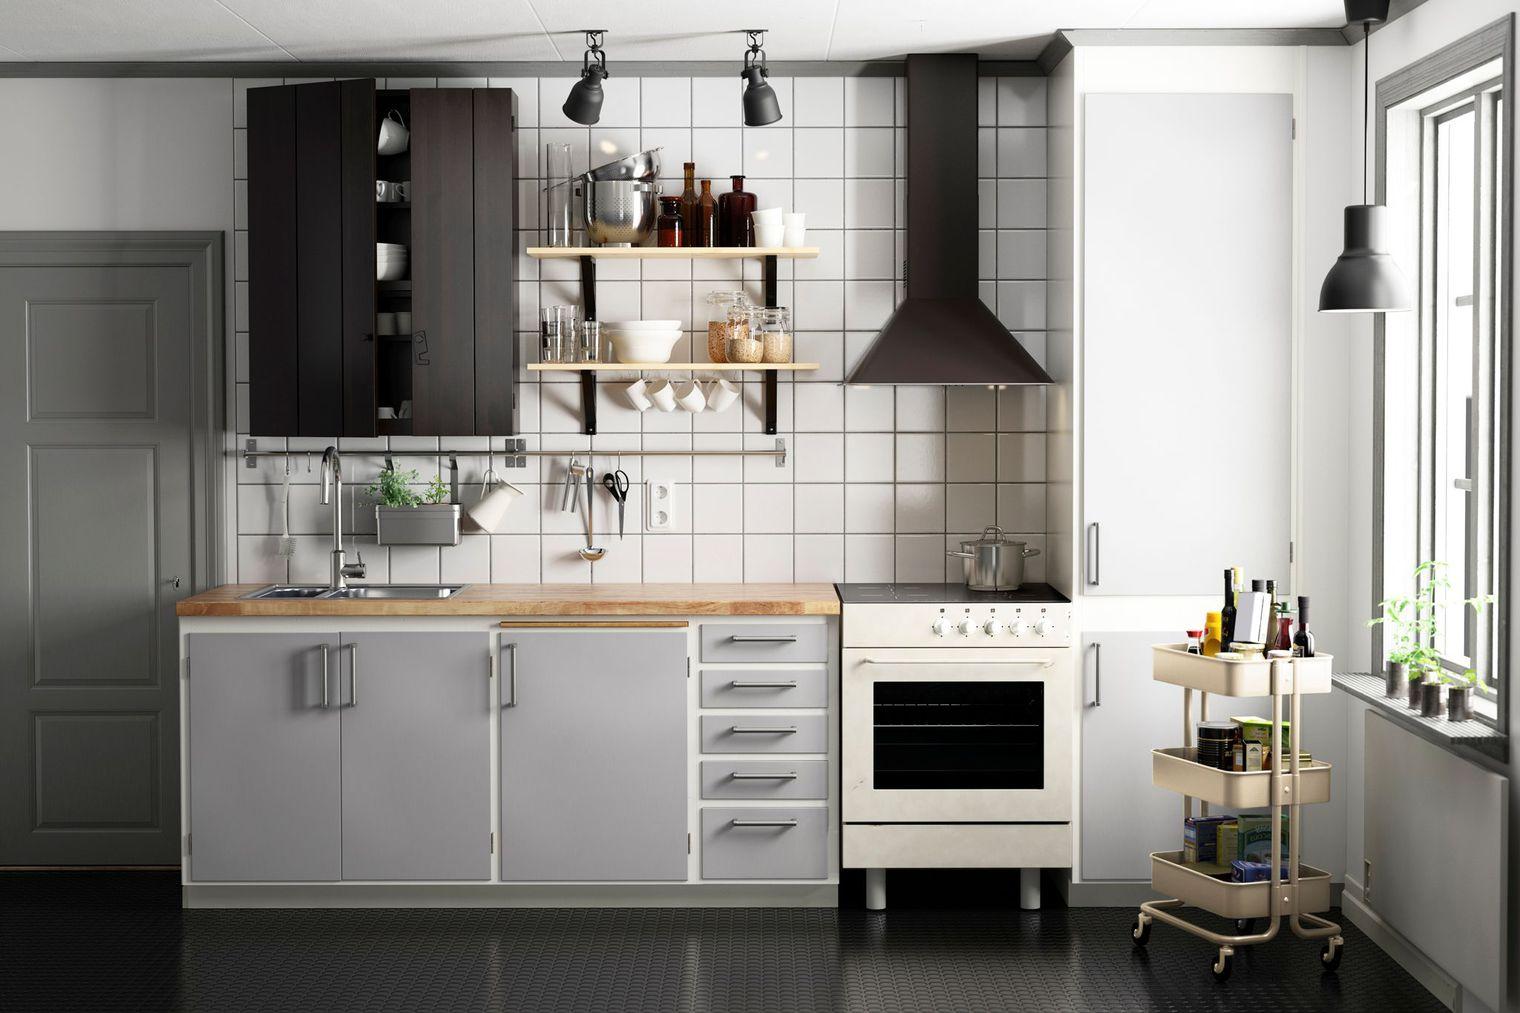 10 meilleures astuces gain de place pour une petite cuisine. Black Bedroom Furniture Sets. Home Design Ideas